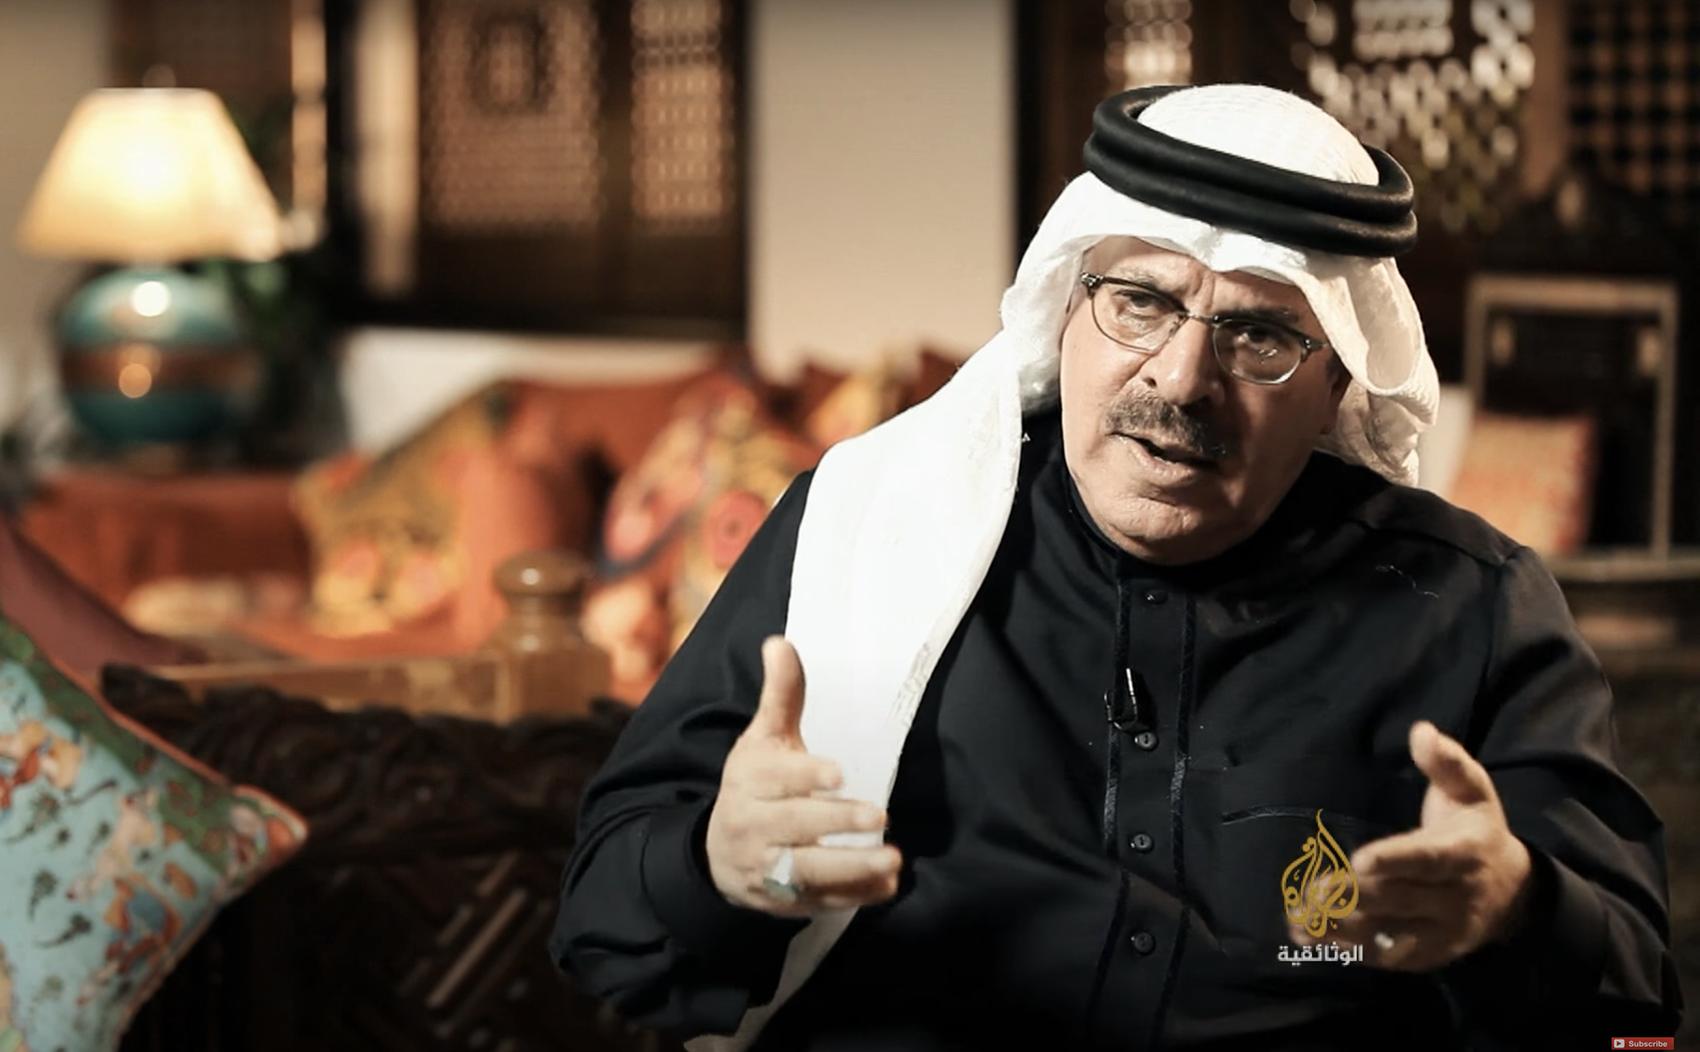 ابراهيم بشمي جريدة الوقت البحرين فيلم